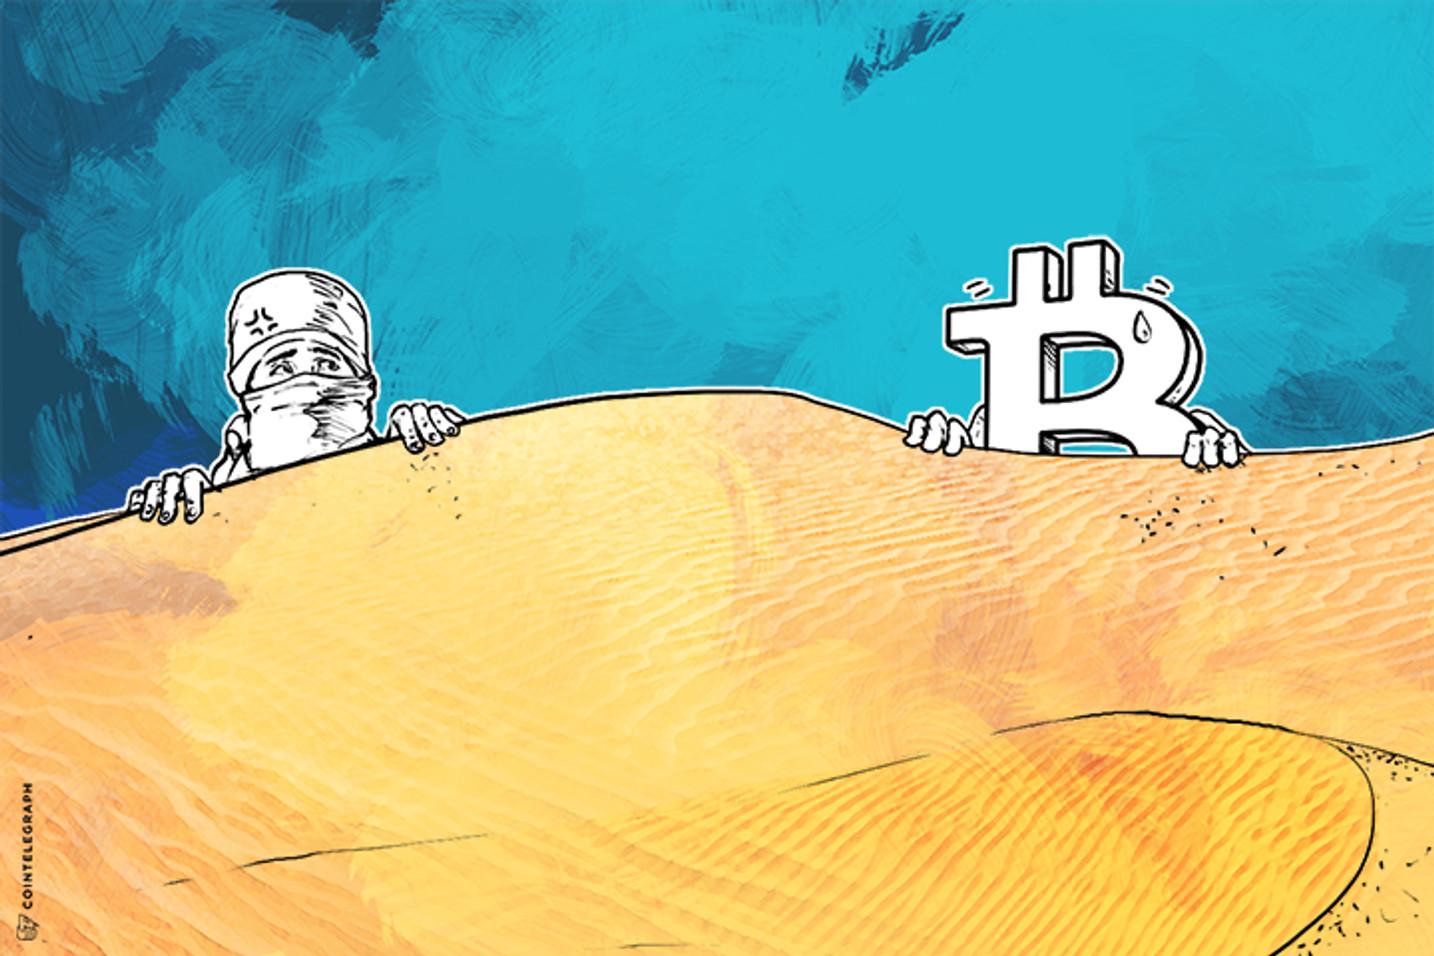 Israeli Paper Ties Bitcoin to ISIS, Again (Op-Ed)